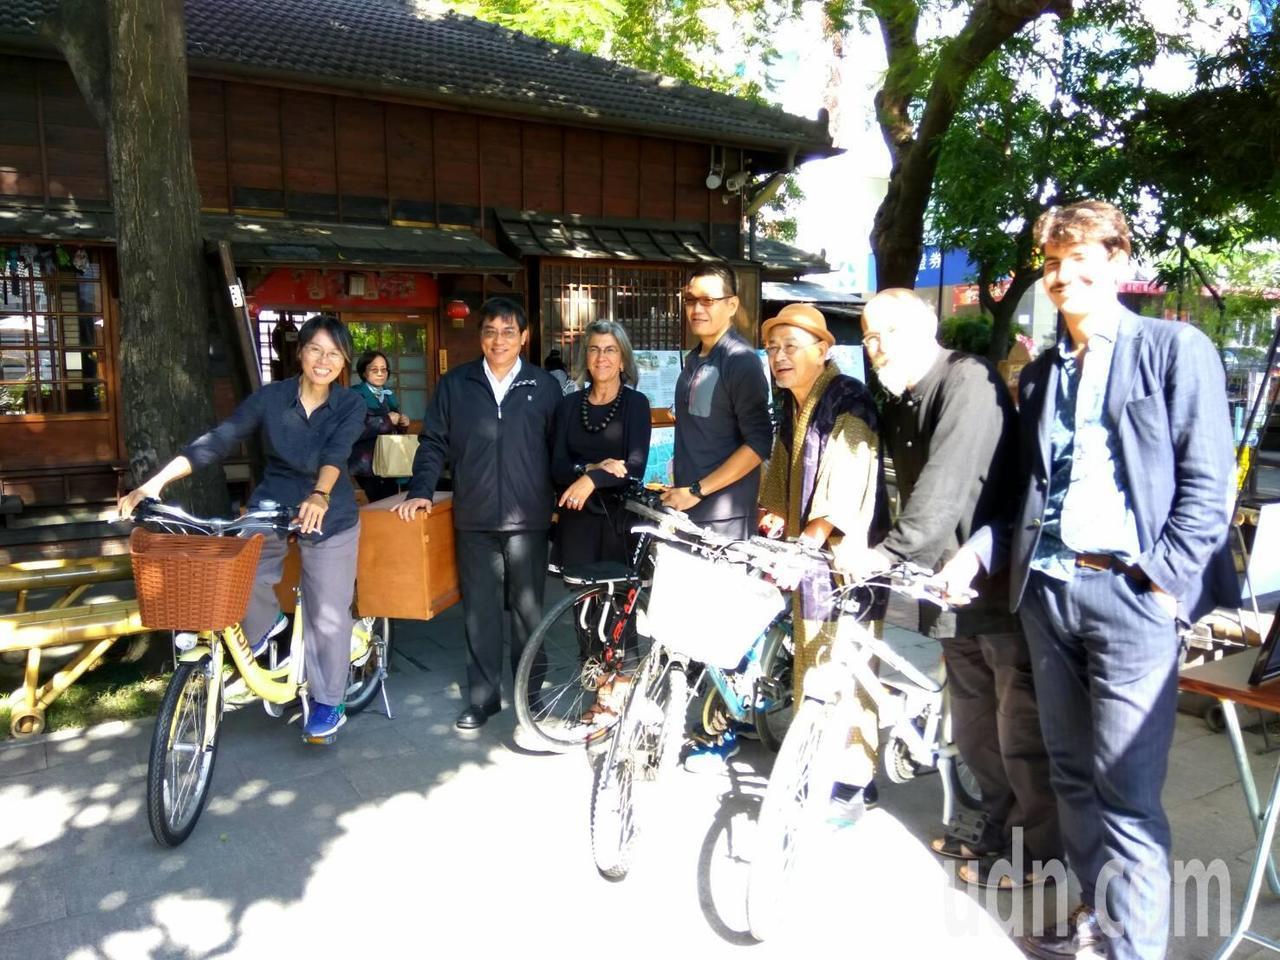 騎腳踏車說故事,走讀台灣,將是故事館10歲生日的重頭戲。記者蔡維斌/攝影